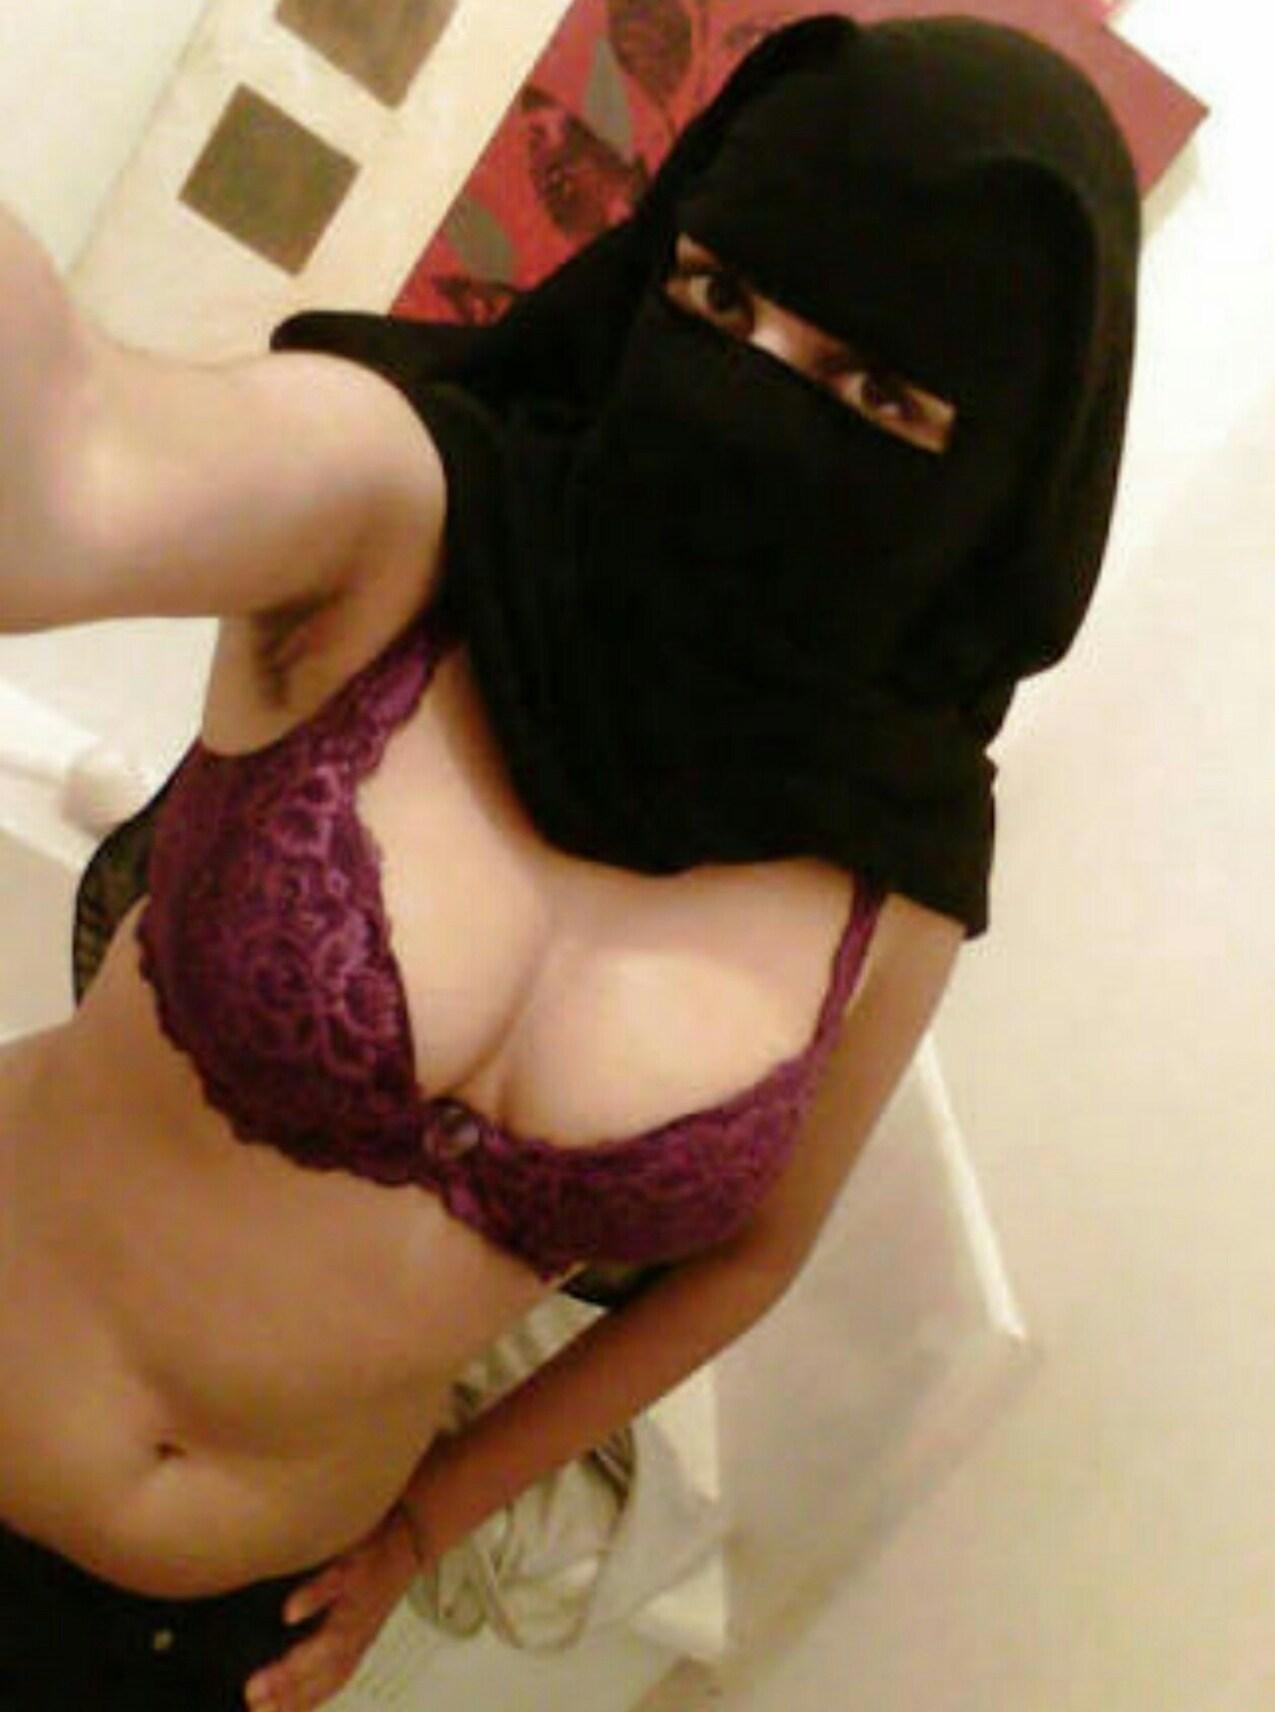 【朗報】イスラム・アラブ系のまんさん、黒チャドルの下は裸だったという衝撃の事実wwwwwwwwwwwww(画像あり)・4枚目